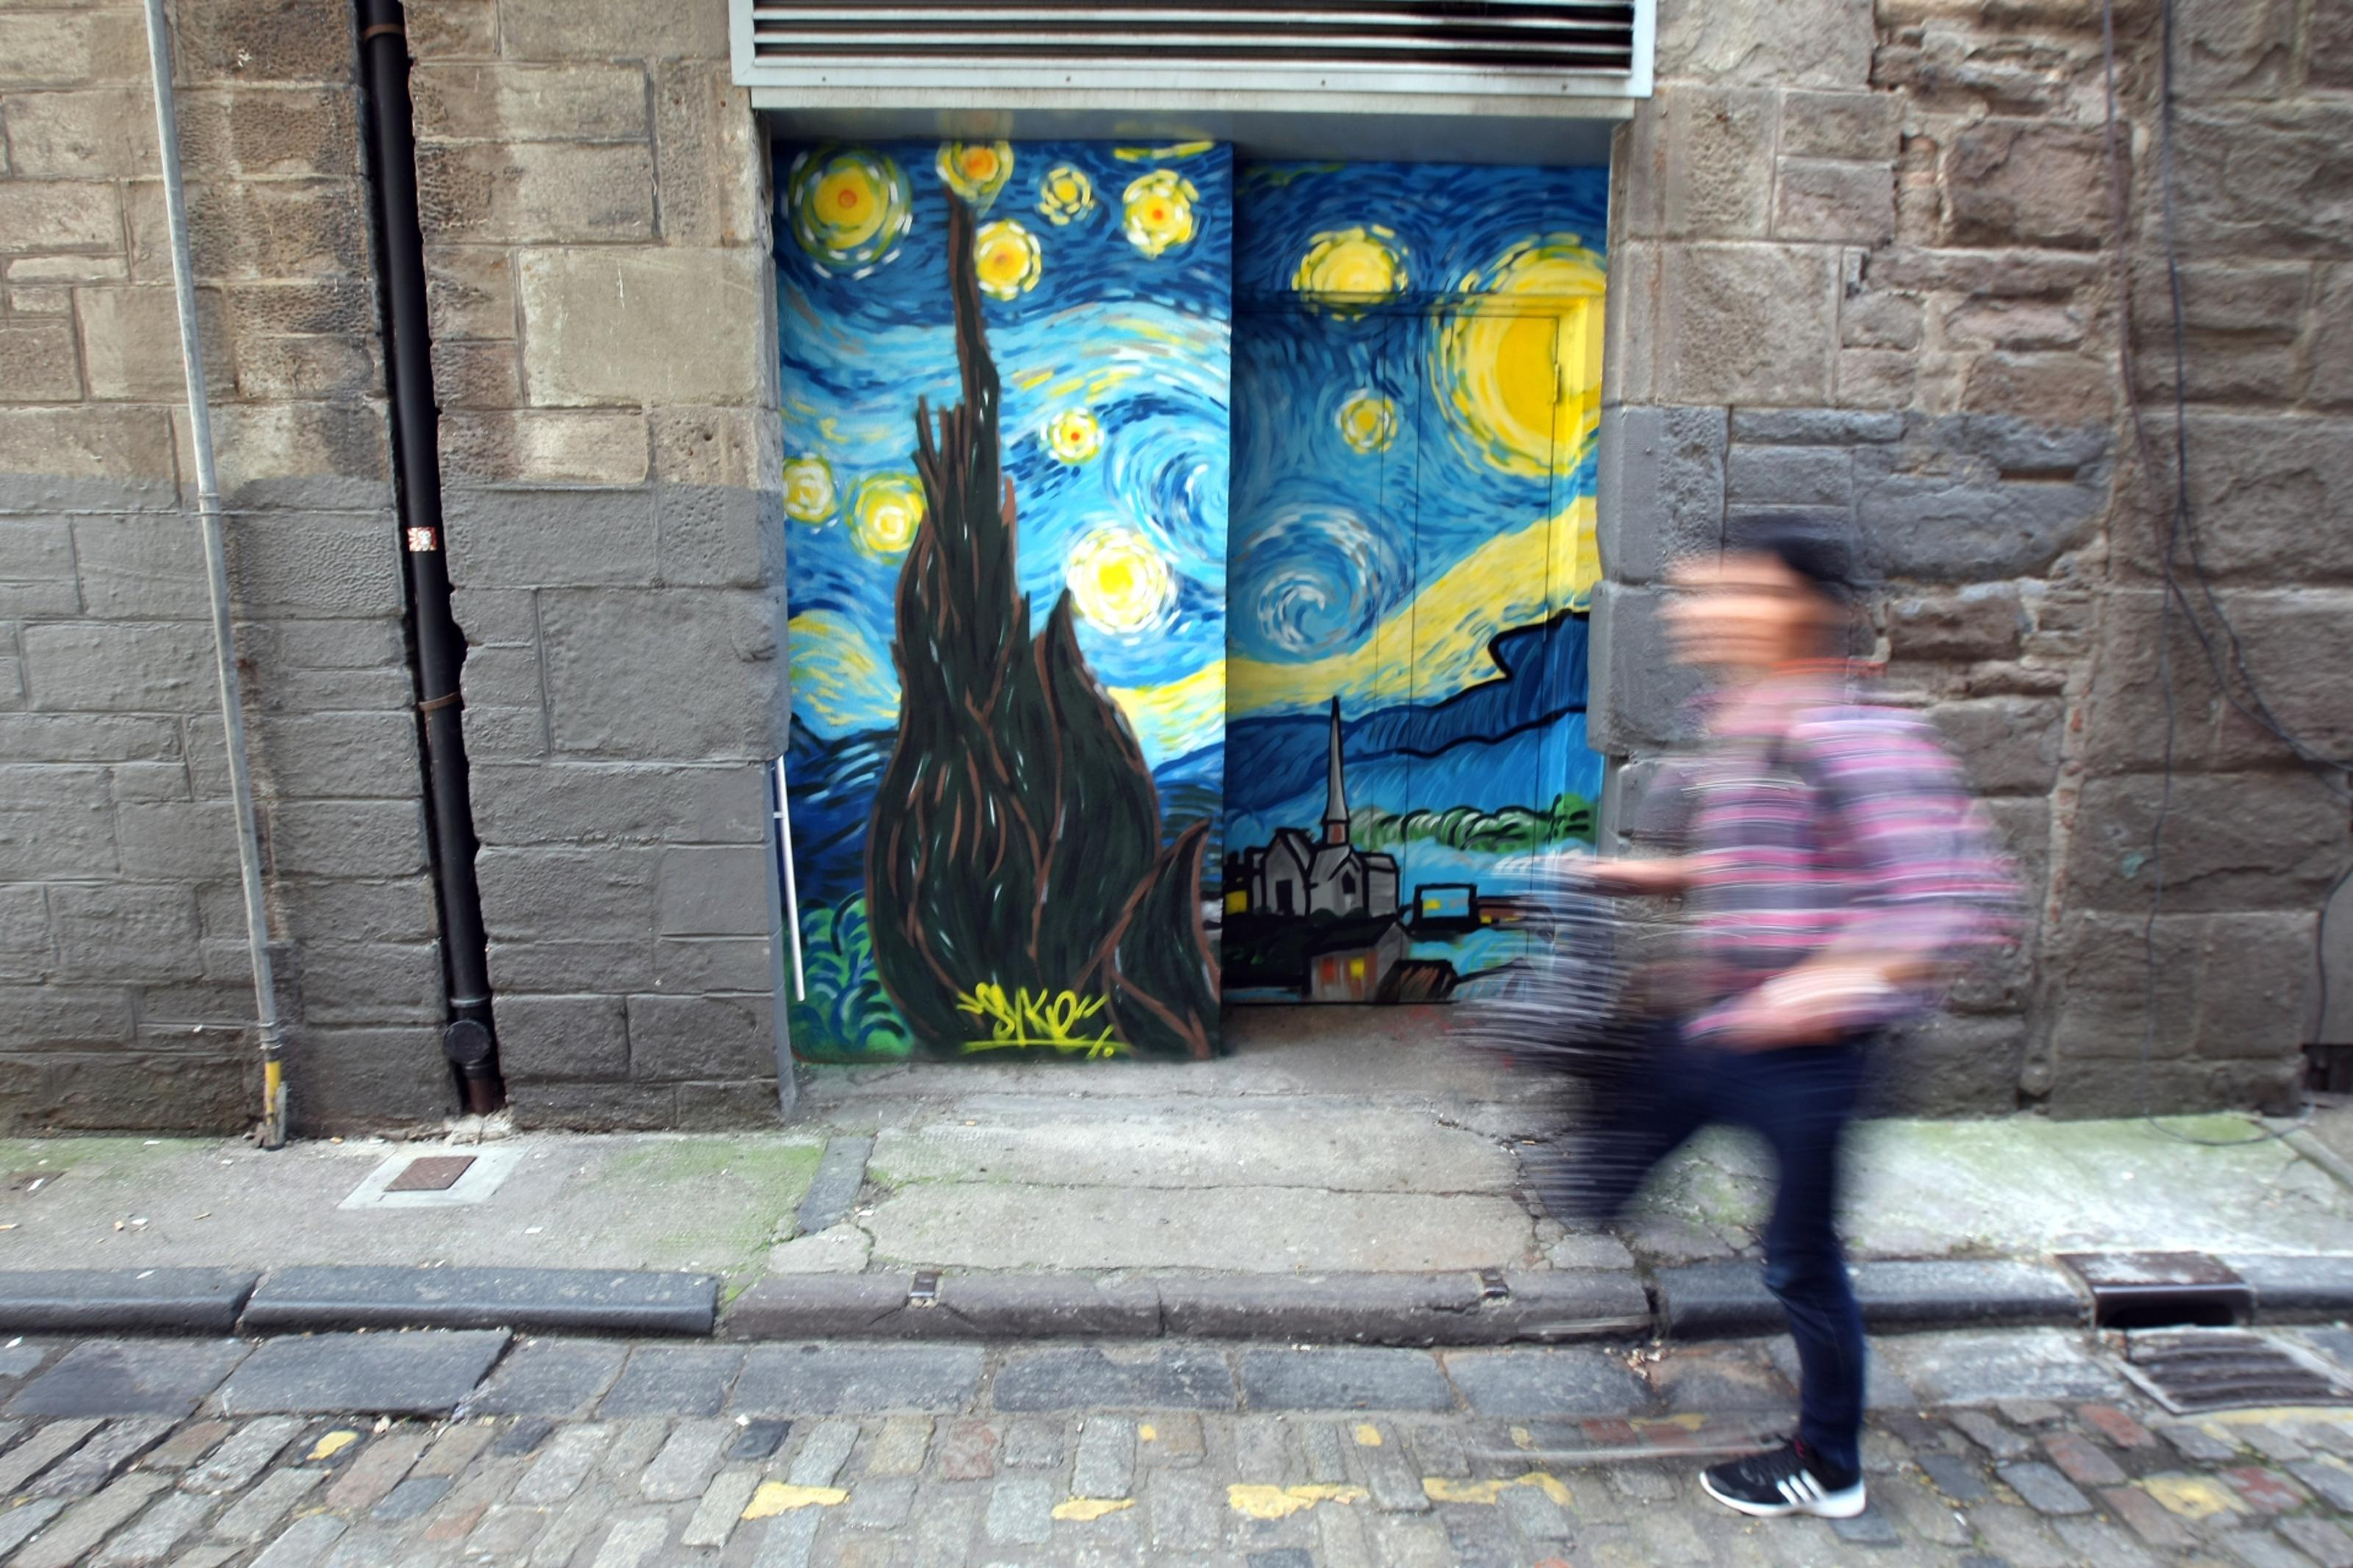 Street art in Couttie's Wynd.